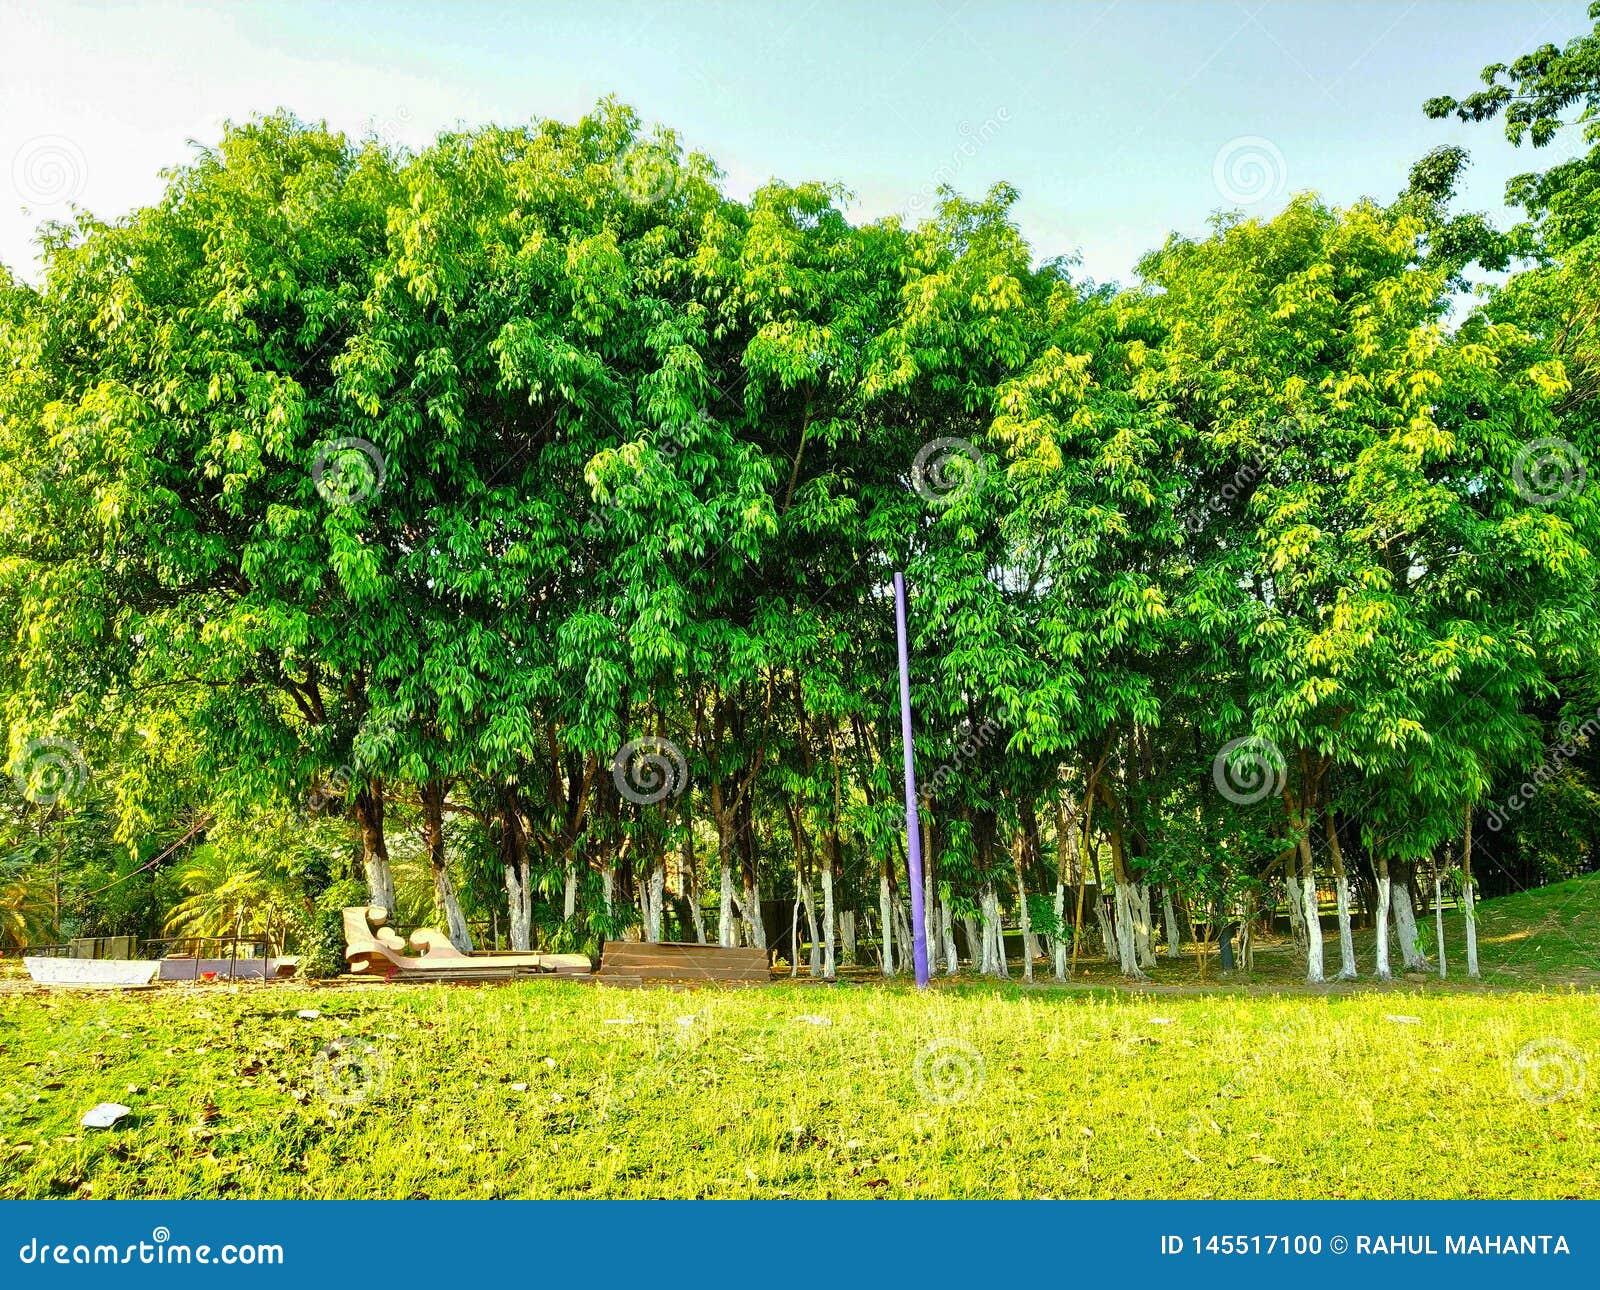 Den lilla skogen i trädgård ser så härlig, och sedd bakgrund för grön och blå himmel var magisk så härligt